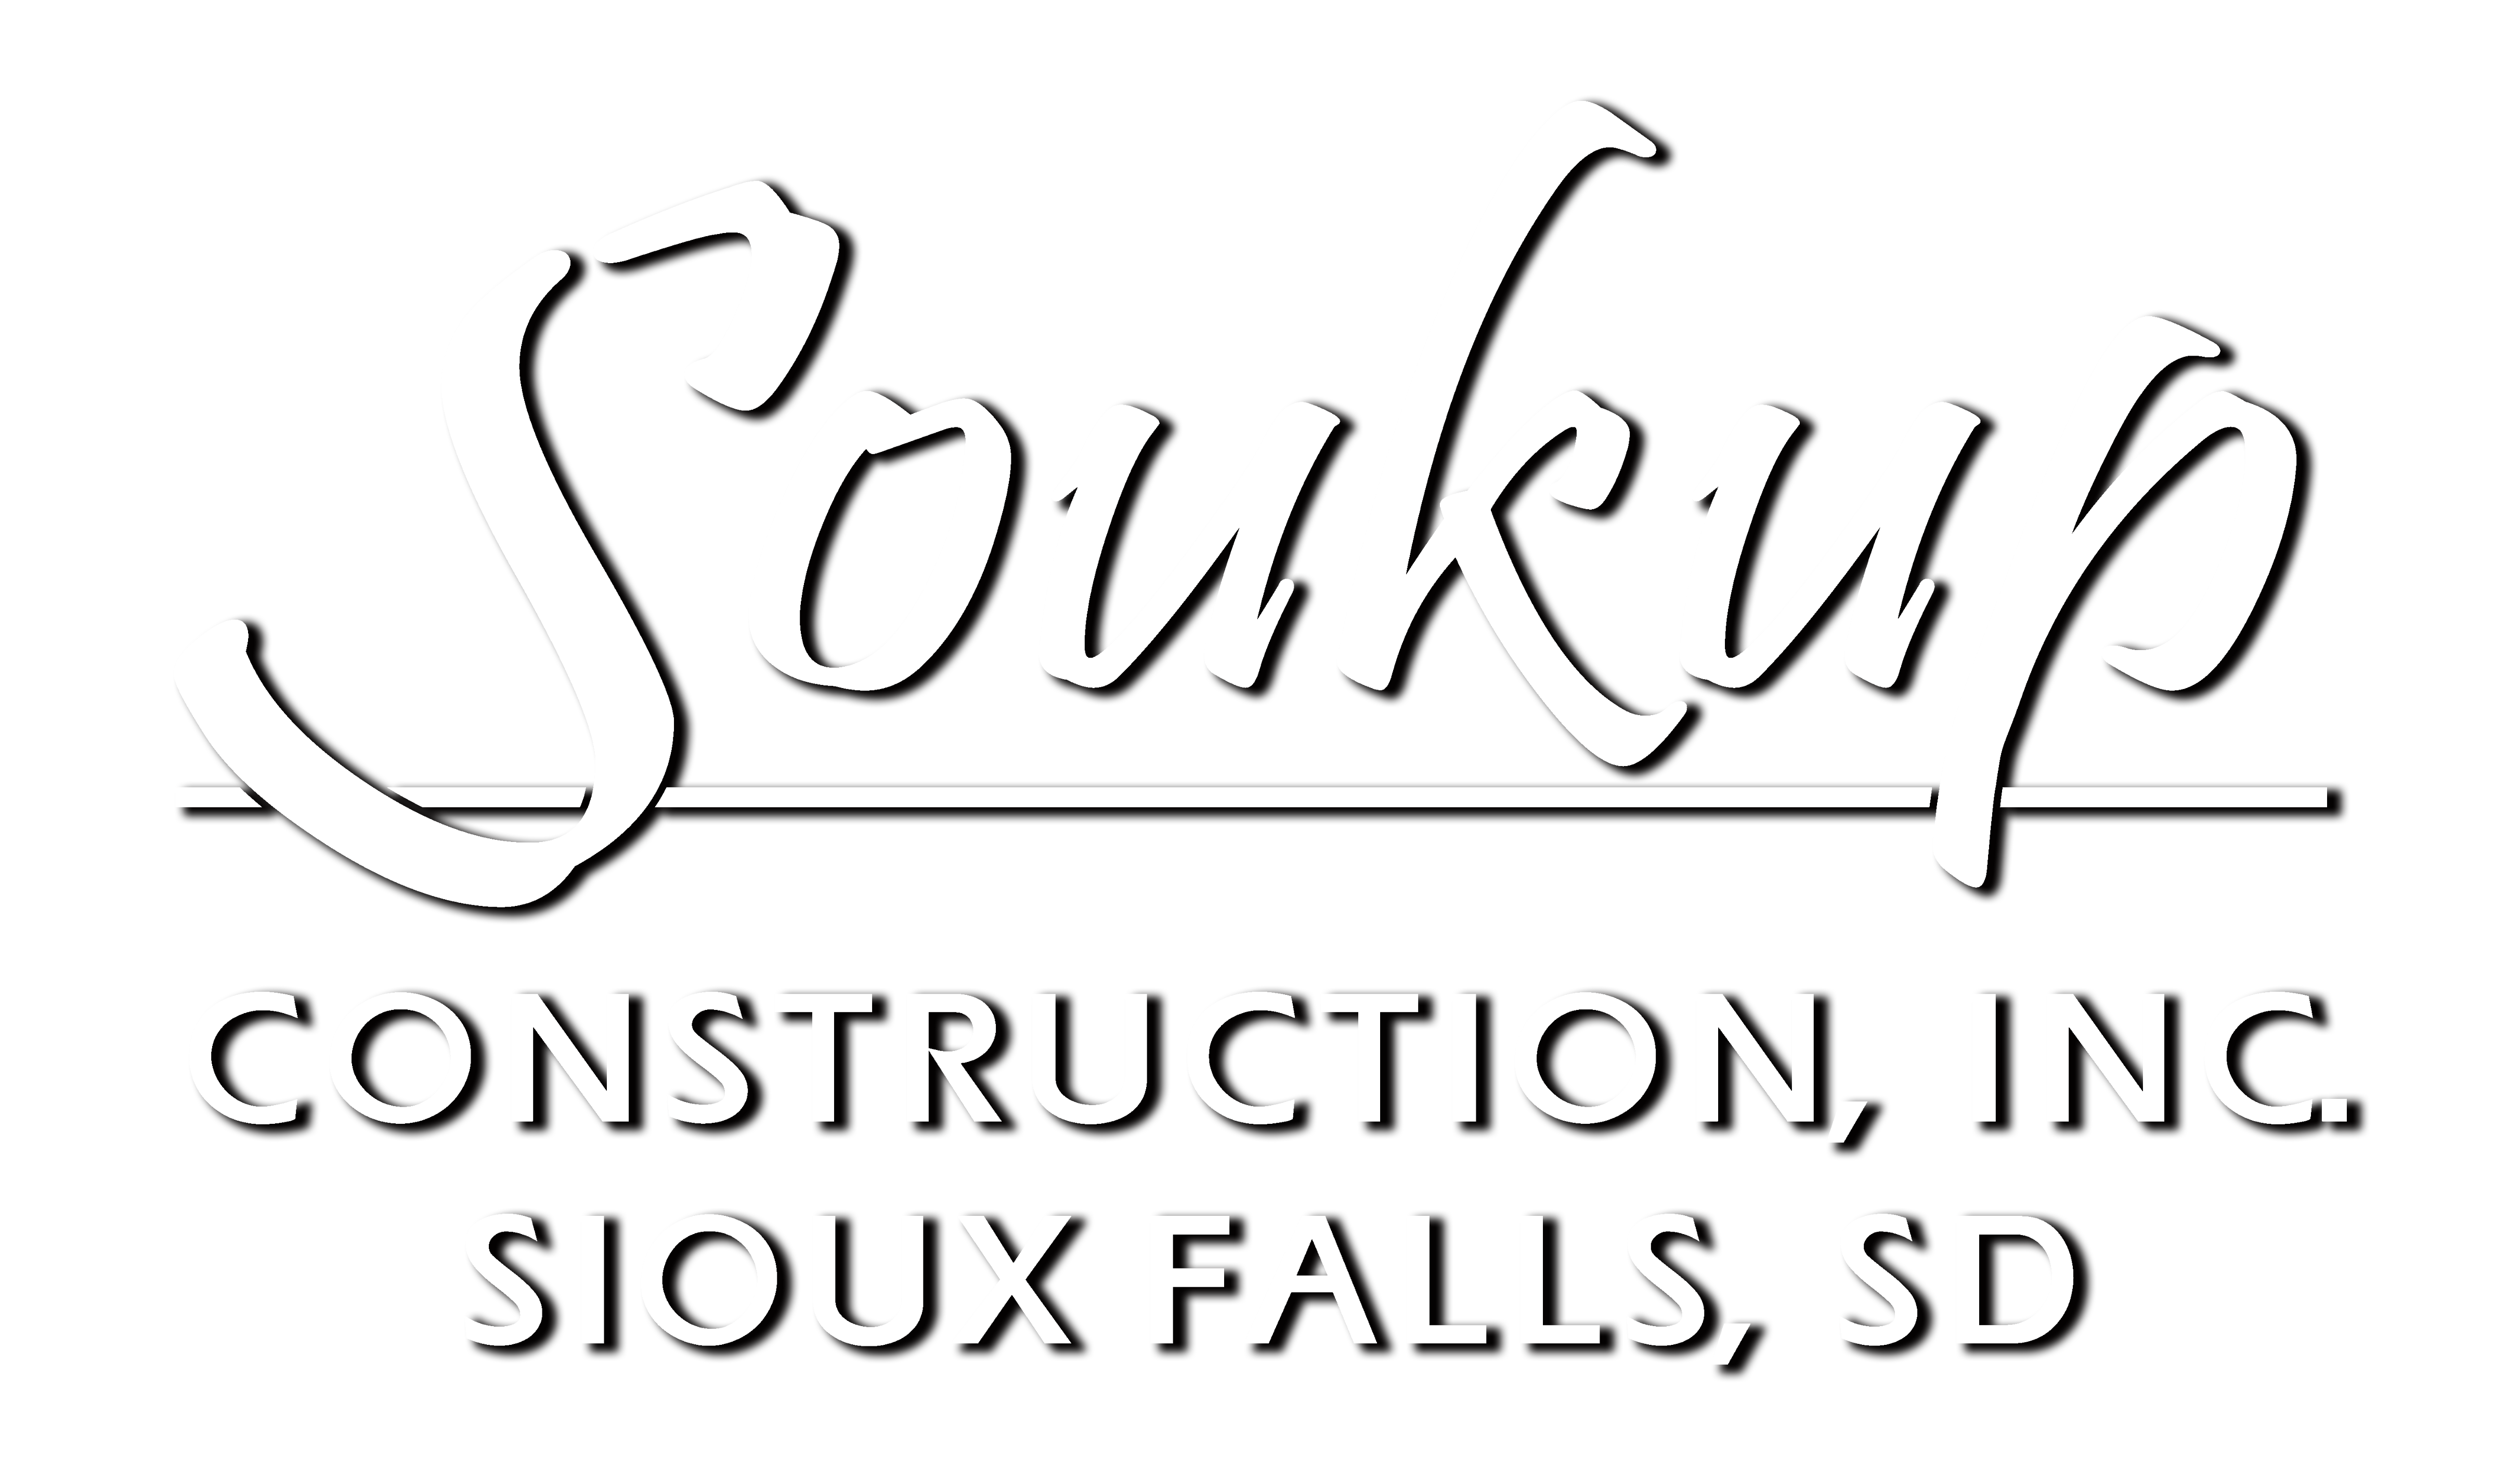 Soukup Construction, Inc.